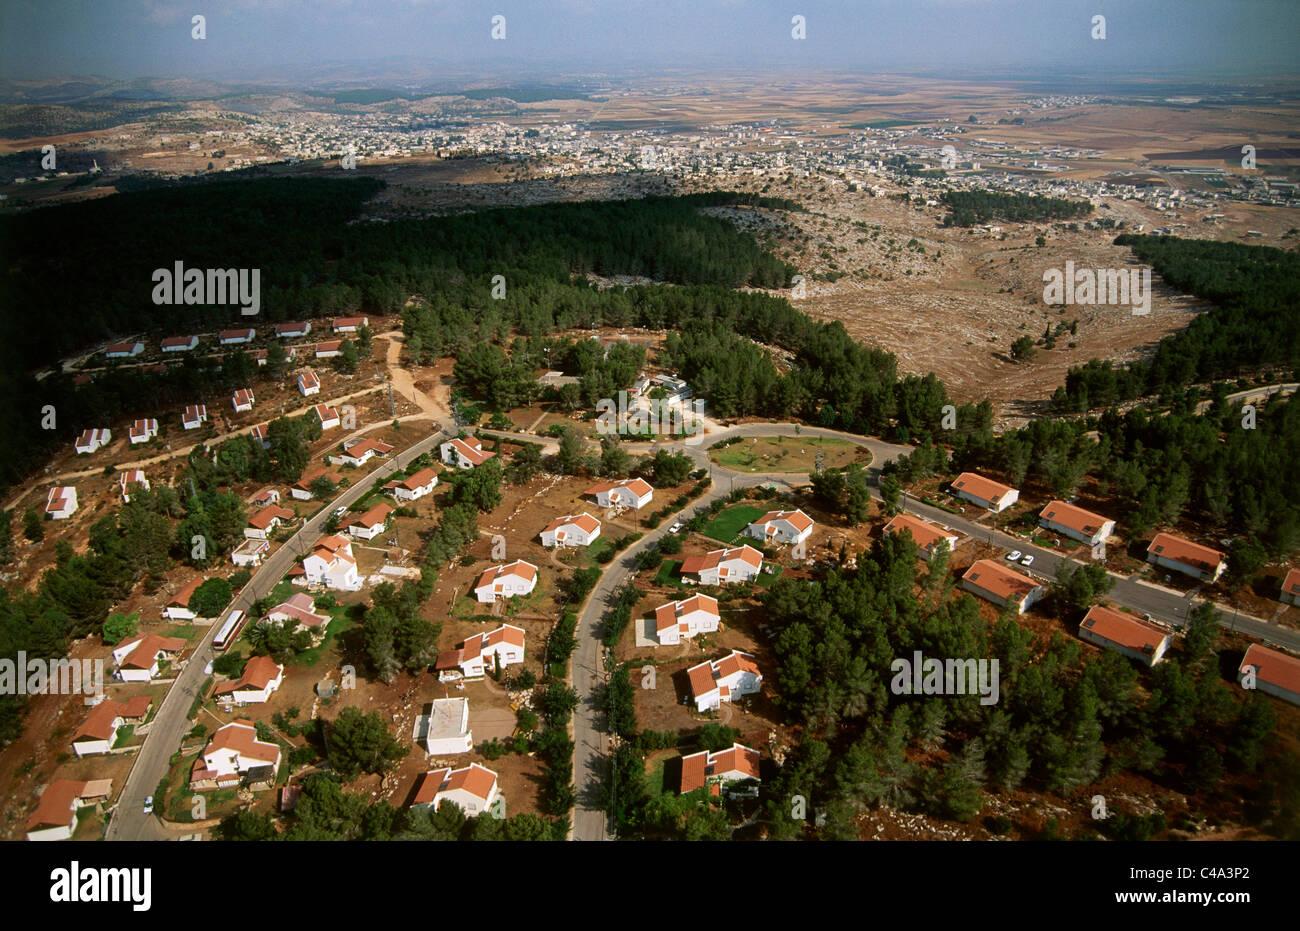 Fotografia aerea dell'insediamento israeliano di Kadim in Samaria Immagini Stock